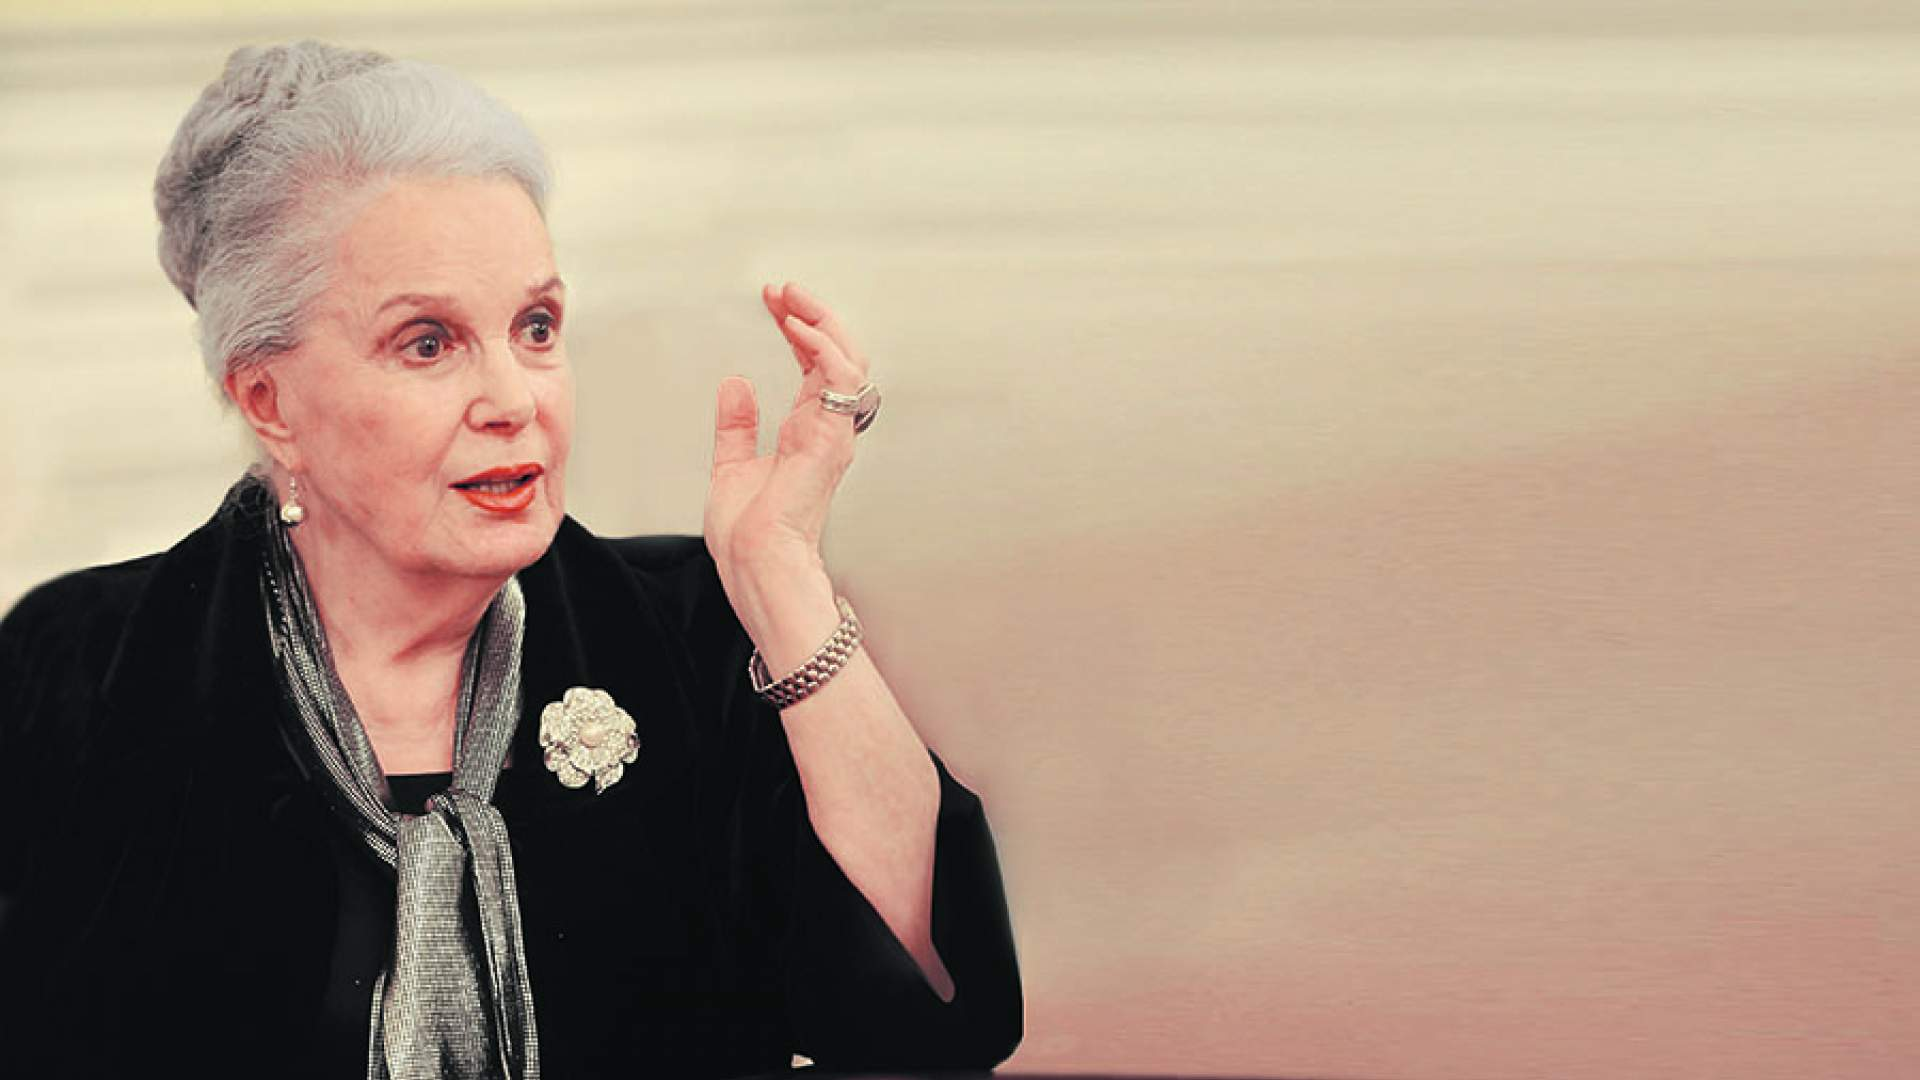 Любимица млн созерцателей, национальная артистке Советского Союза, чудесная Элина Быстрицкая отмечает юбилей